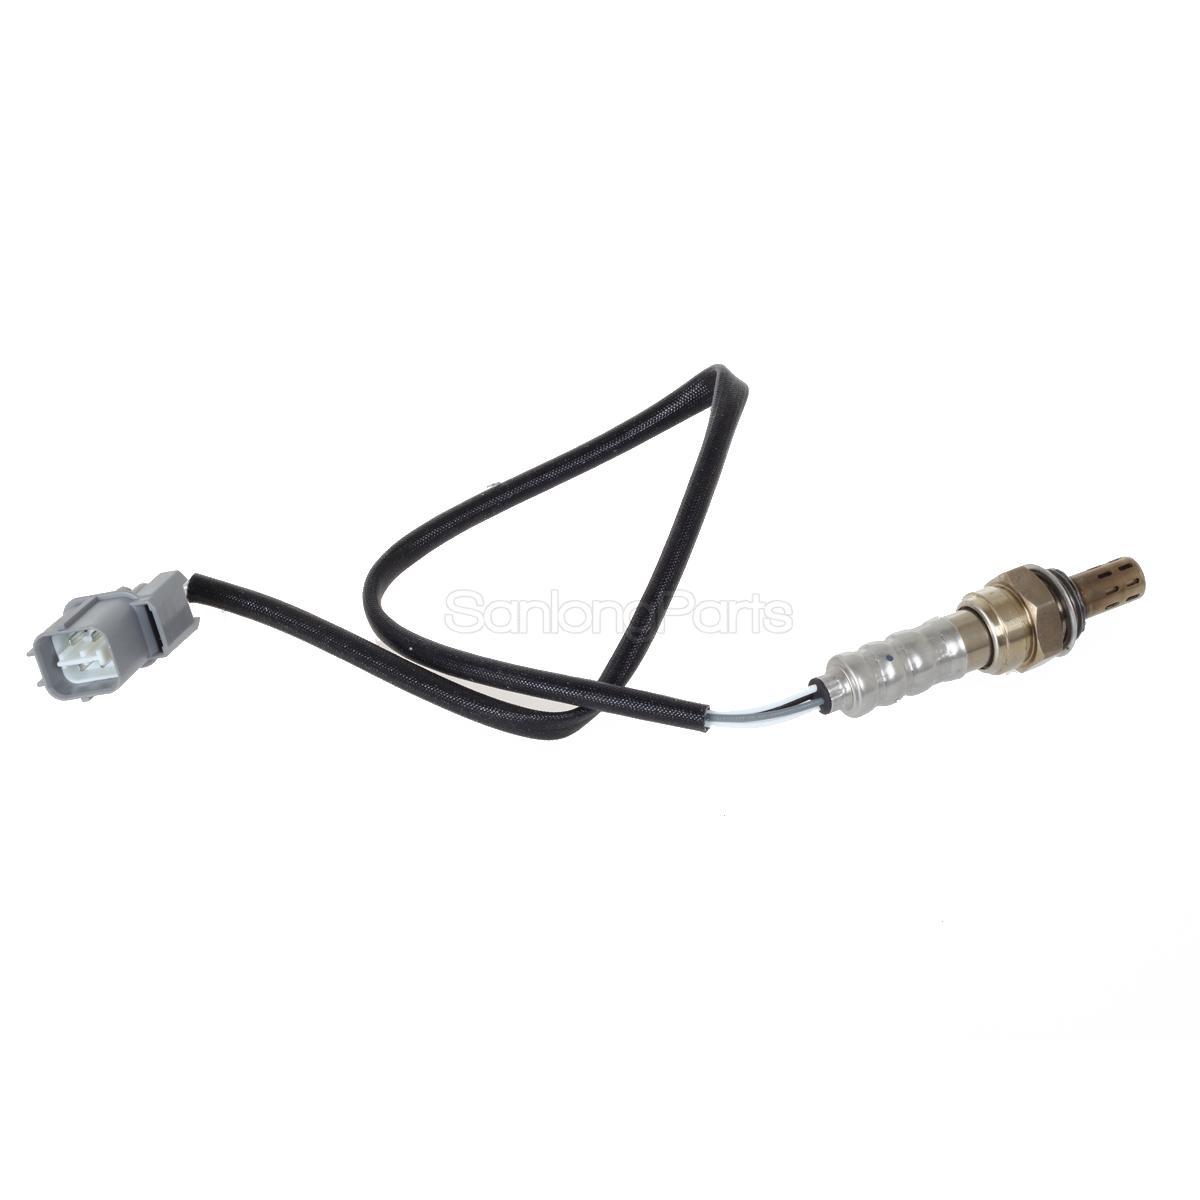 2x Air Fuel Ratio Sensor Up+Down for Honda Civic 1.6L 96